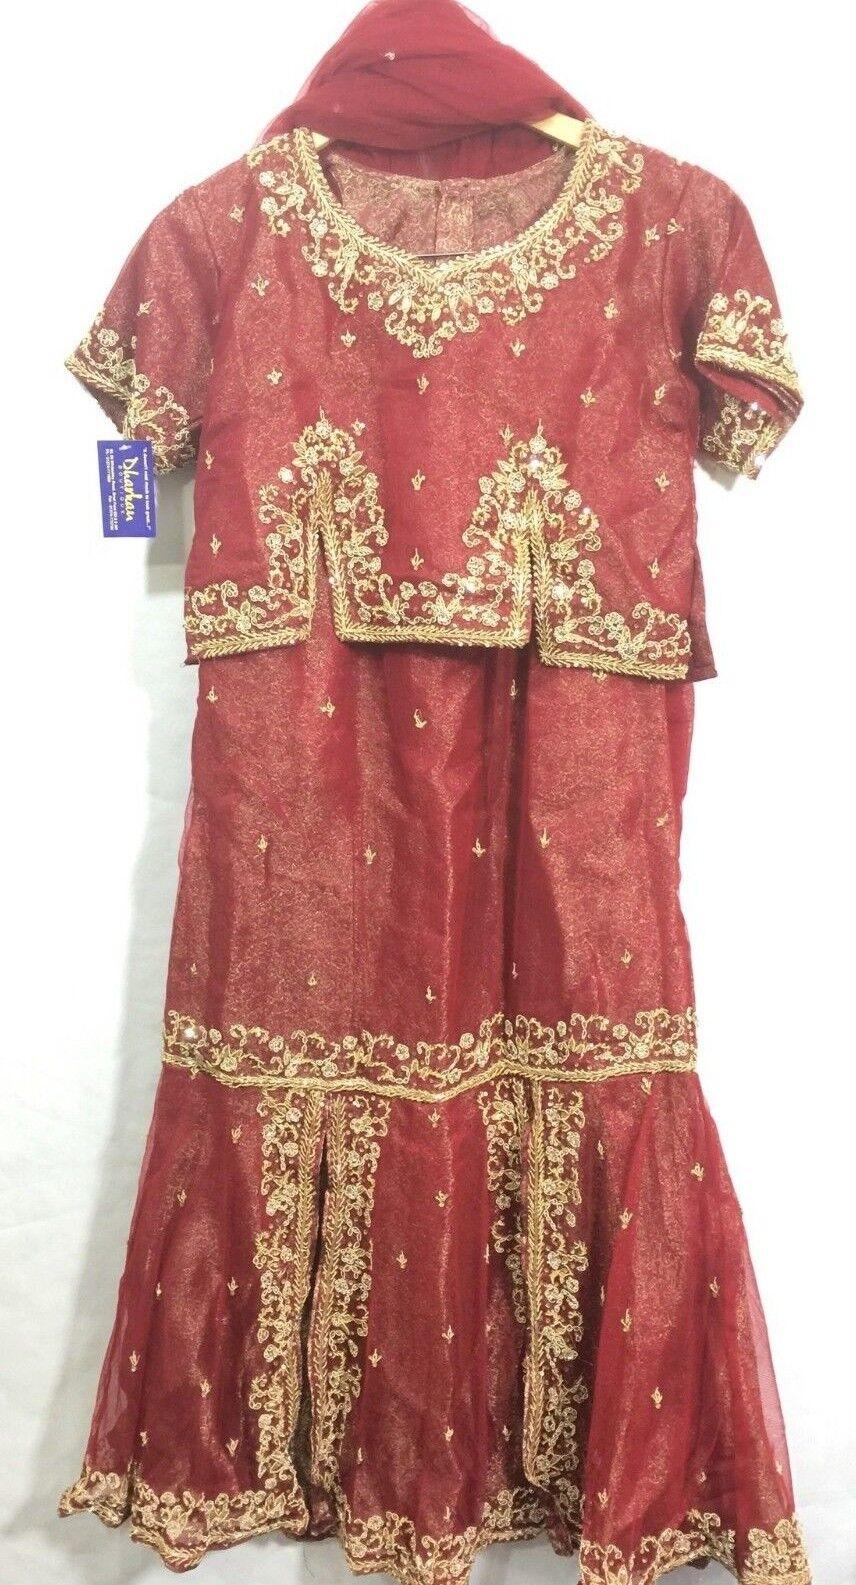 INDIAN PAKISTANI shaadi wedding lehanga Shalwar Trouser Kameez suit Asian Dress